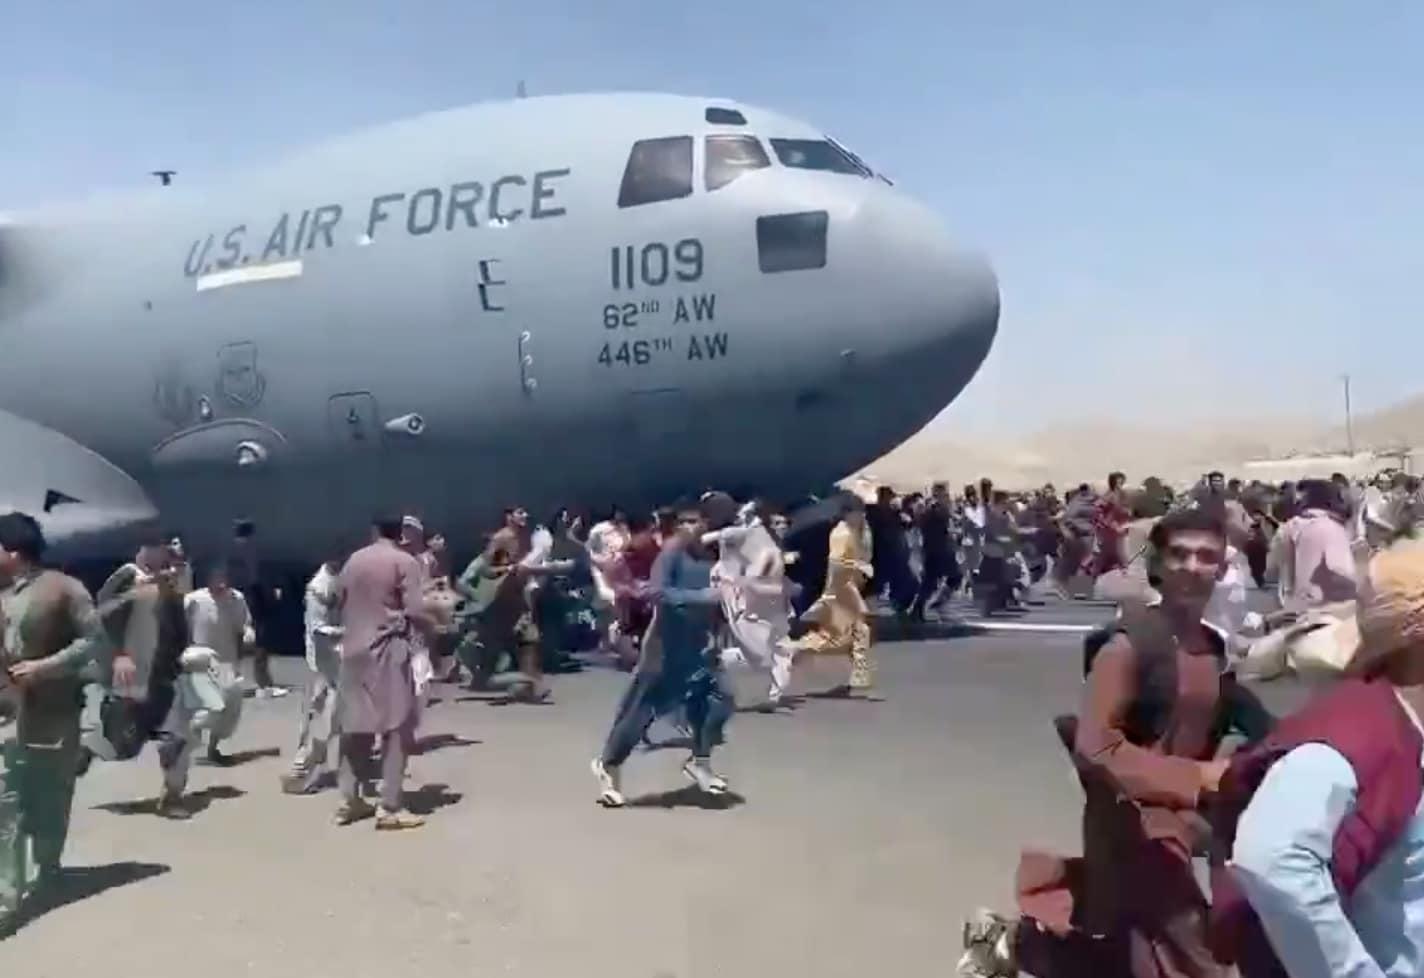 Le immagini shock degli afghani che si aggrappano all'aereo che decolla e  precipitano | VIDEO